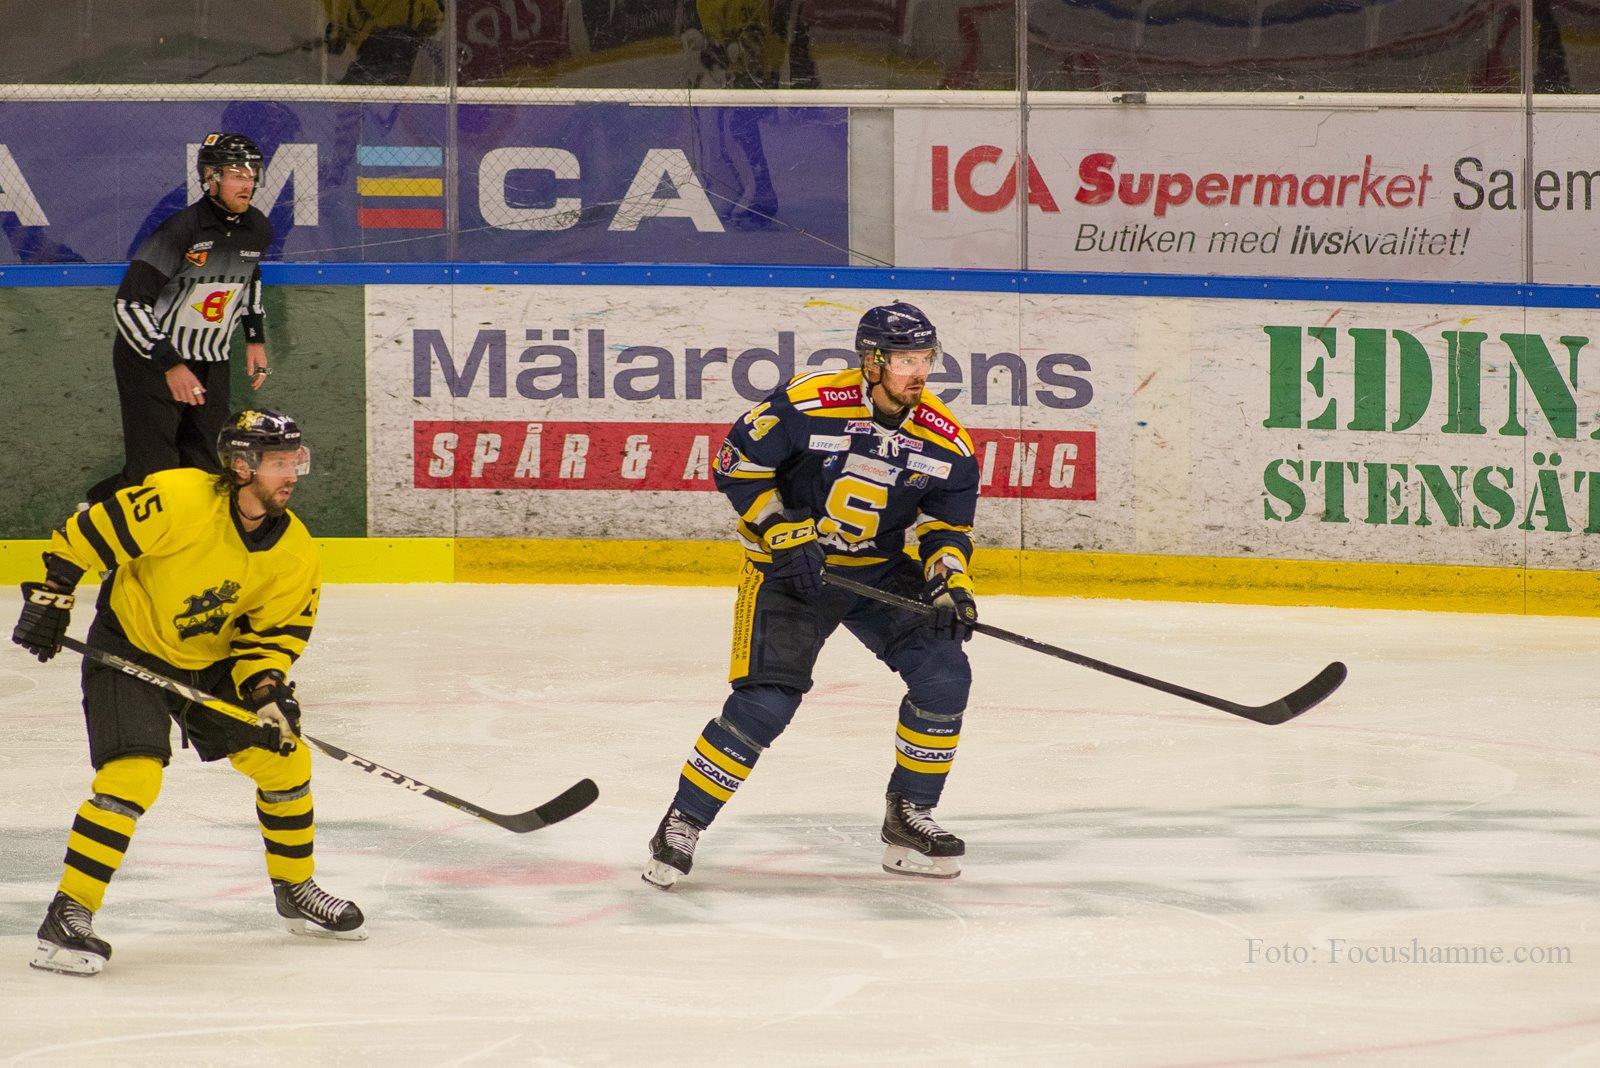 Nicklas Grossmann på isen mot AIK. Foto: David Nilsson Hamne.